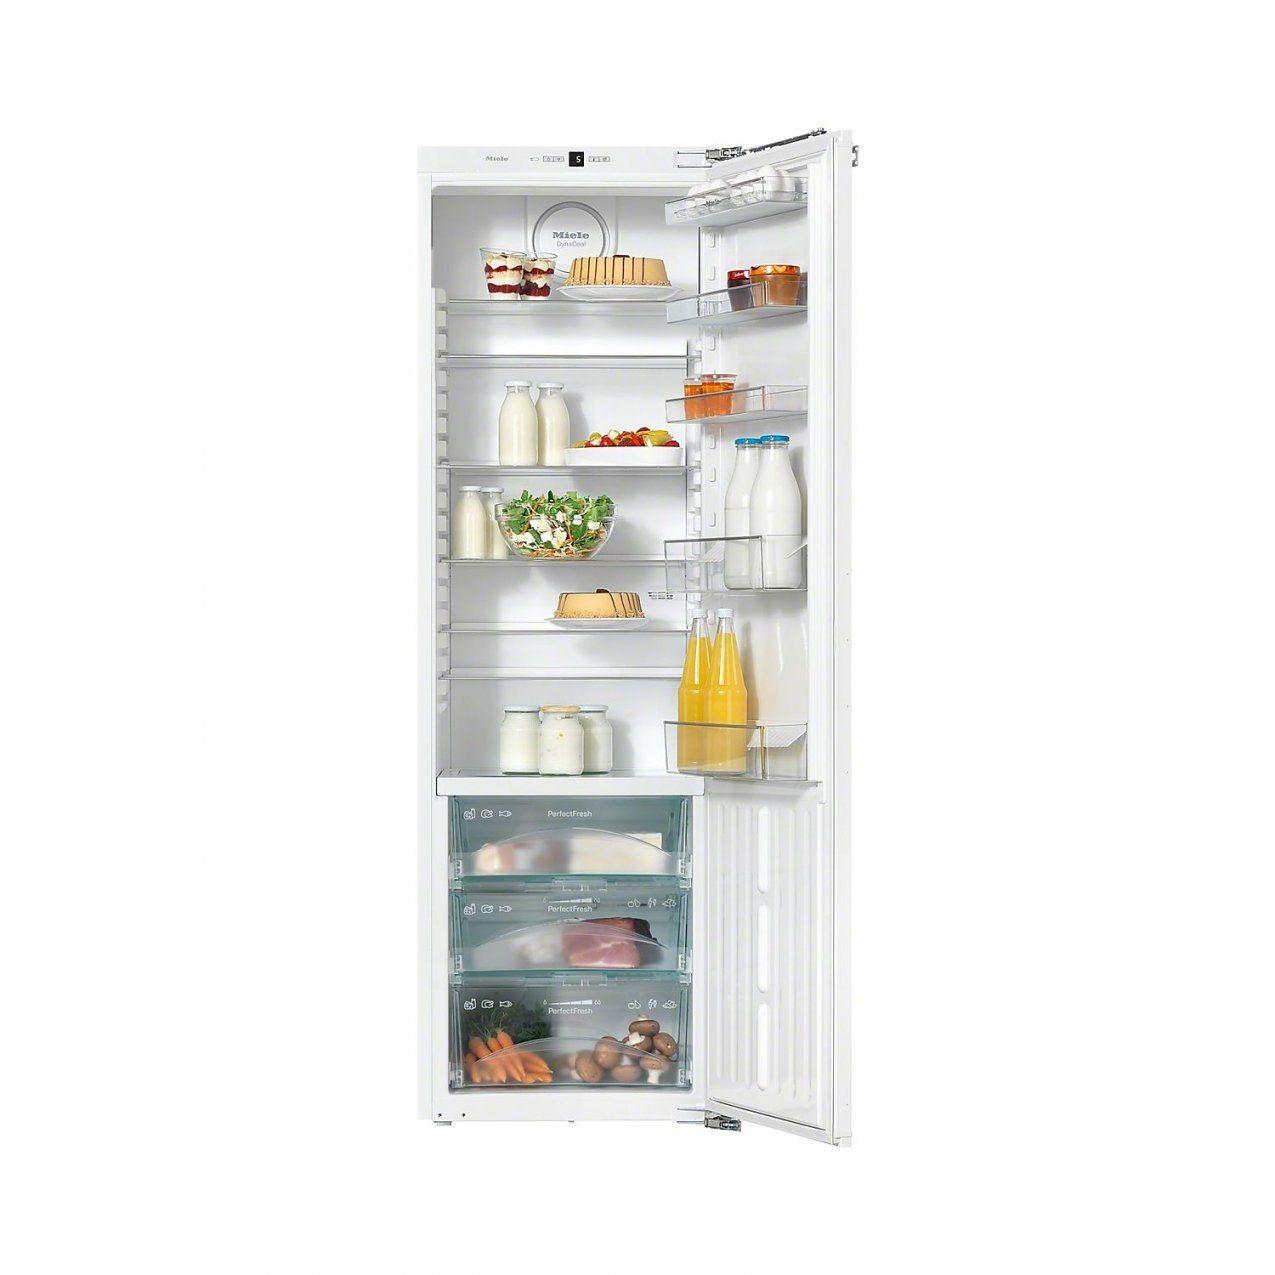 Miele Einbaukühlschrank K 37272 Id Ohne Gefrierfach Nischenhöhe von Einbaukühlschrank Ohne Gefrierfach 178 Cm Photo